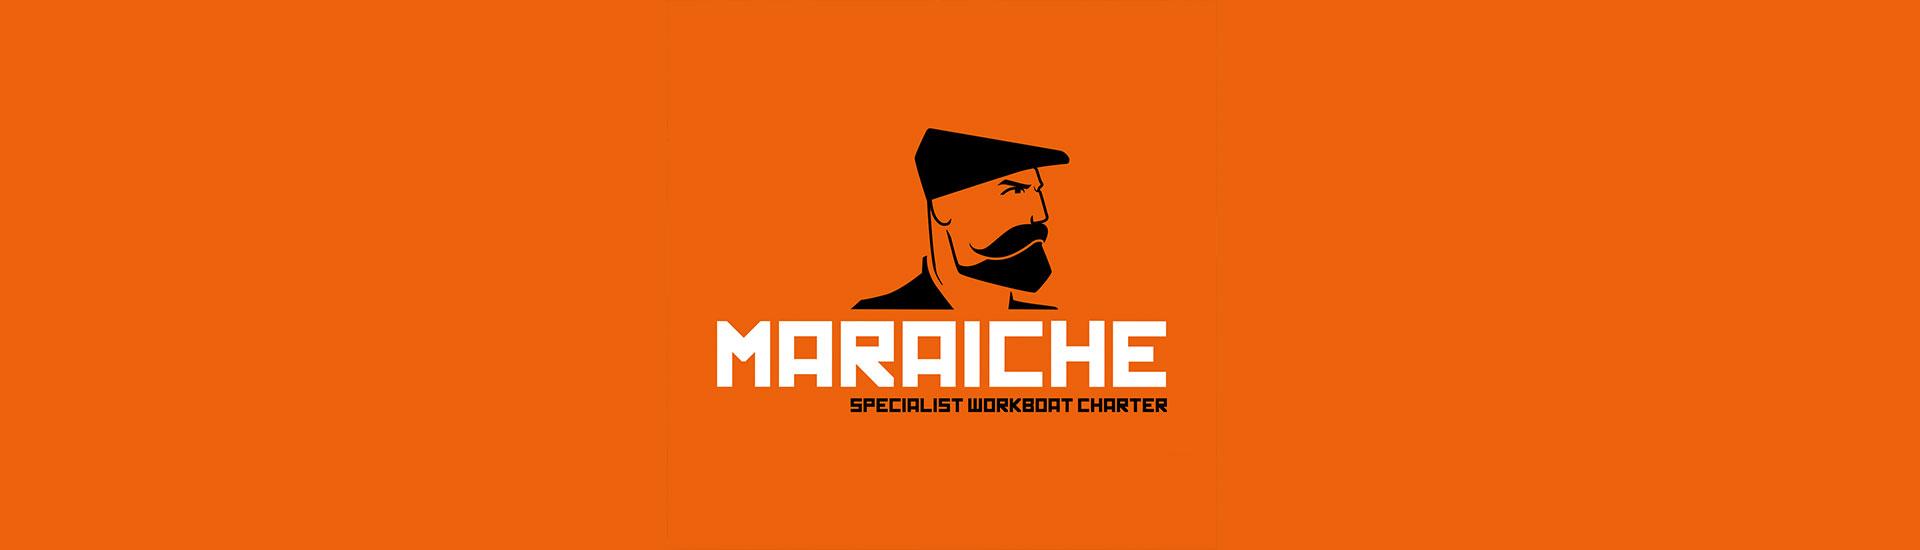 maraiche logo